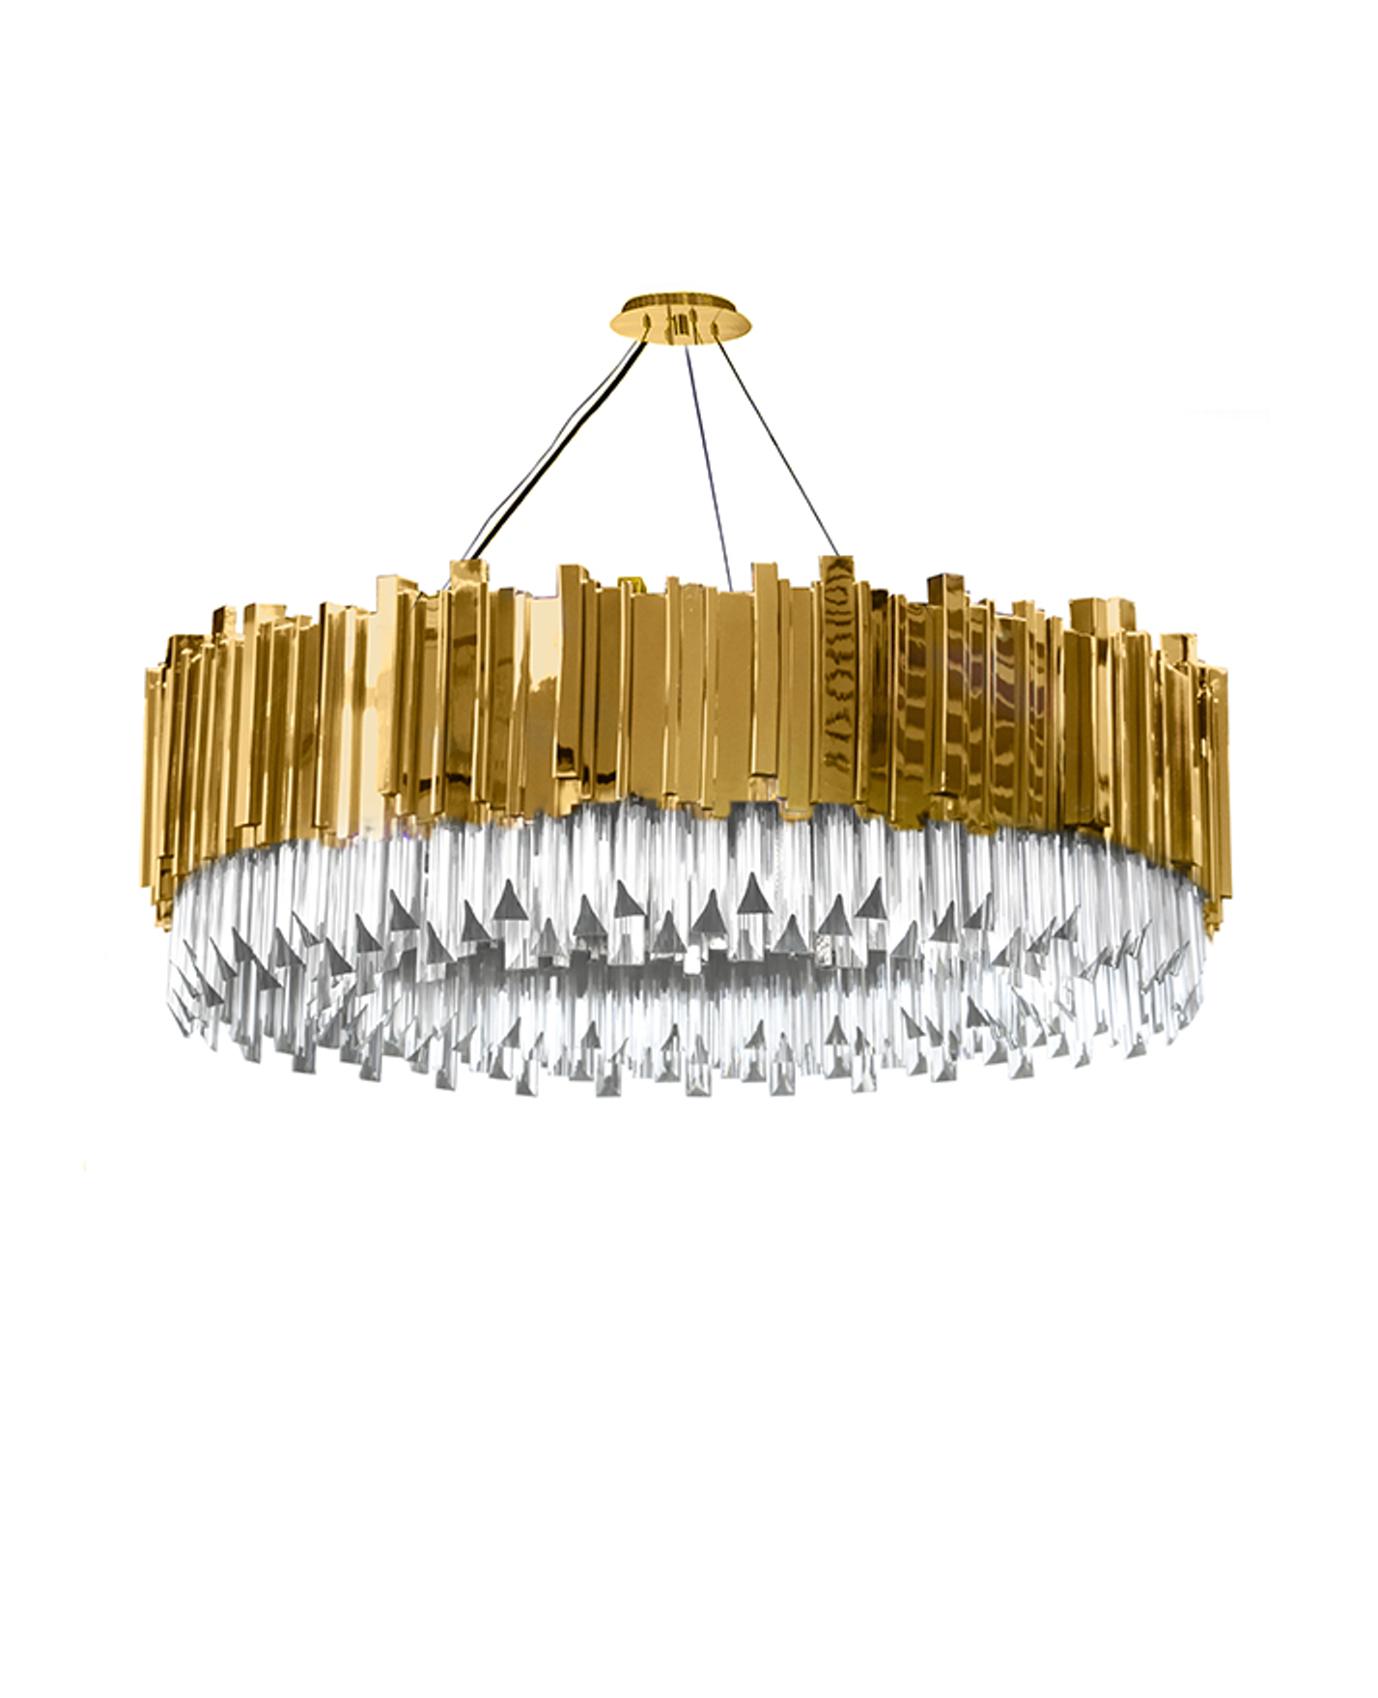 Deckenlampe 'Empire' von Luxxu